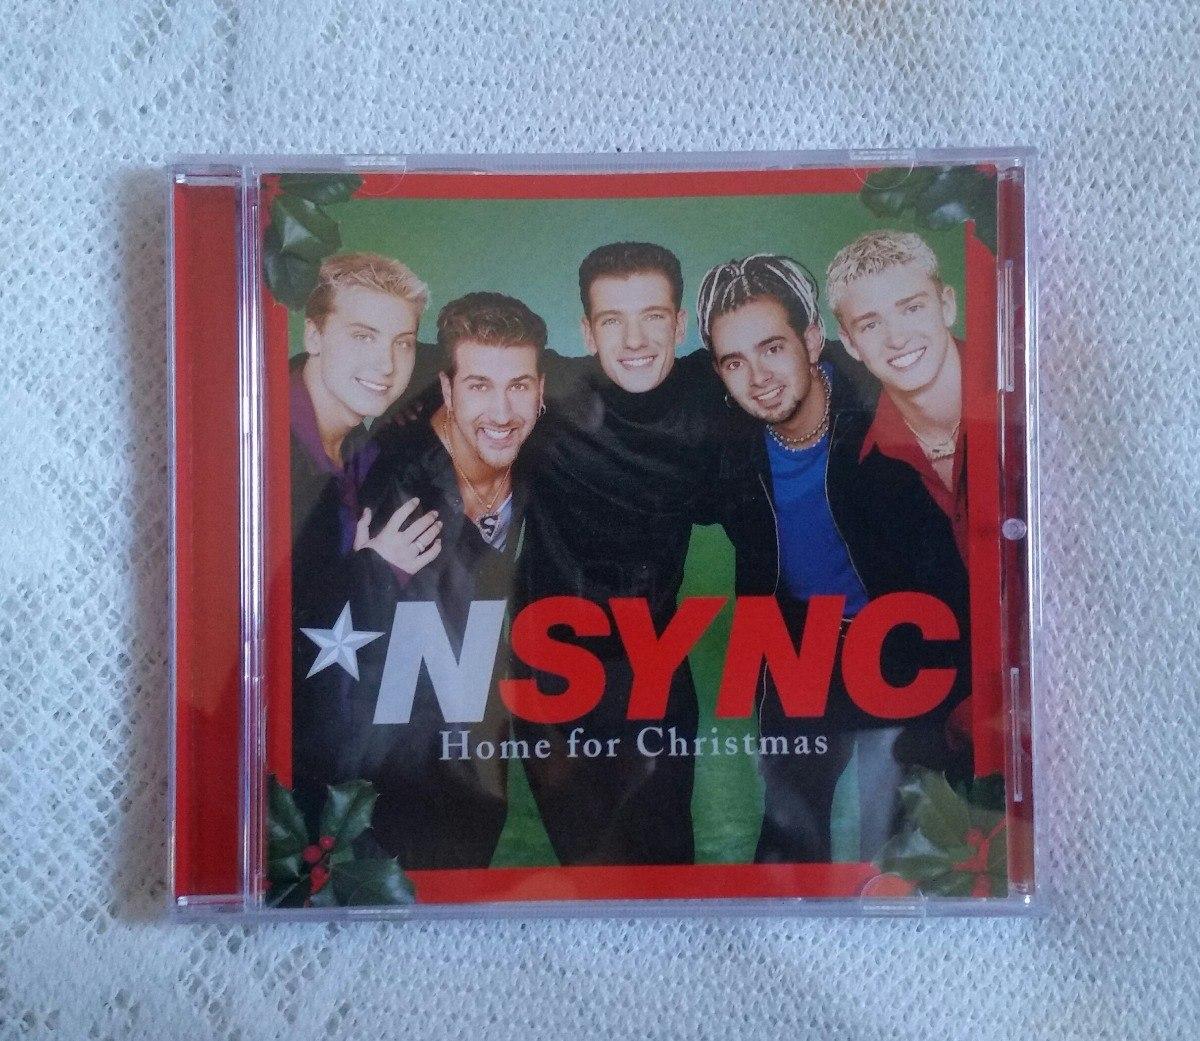 Nsync Home For Christmas Cd Importado Frete Grátis - R$ 45,00 em ...